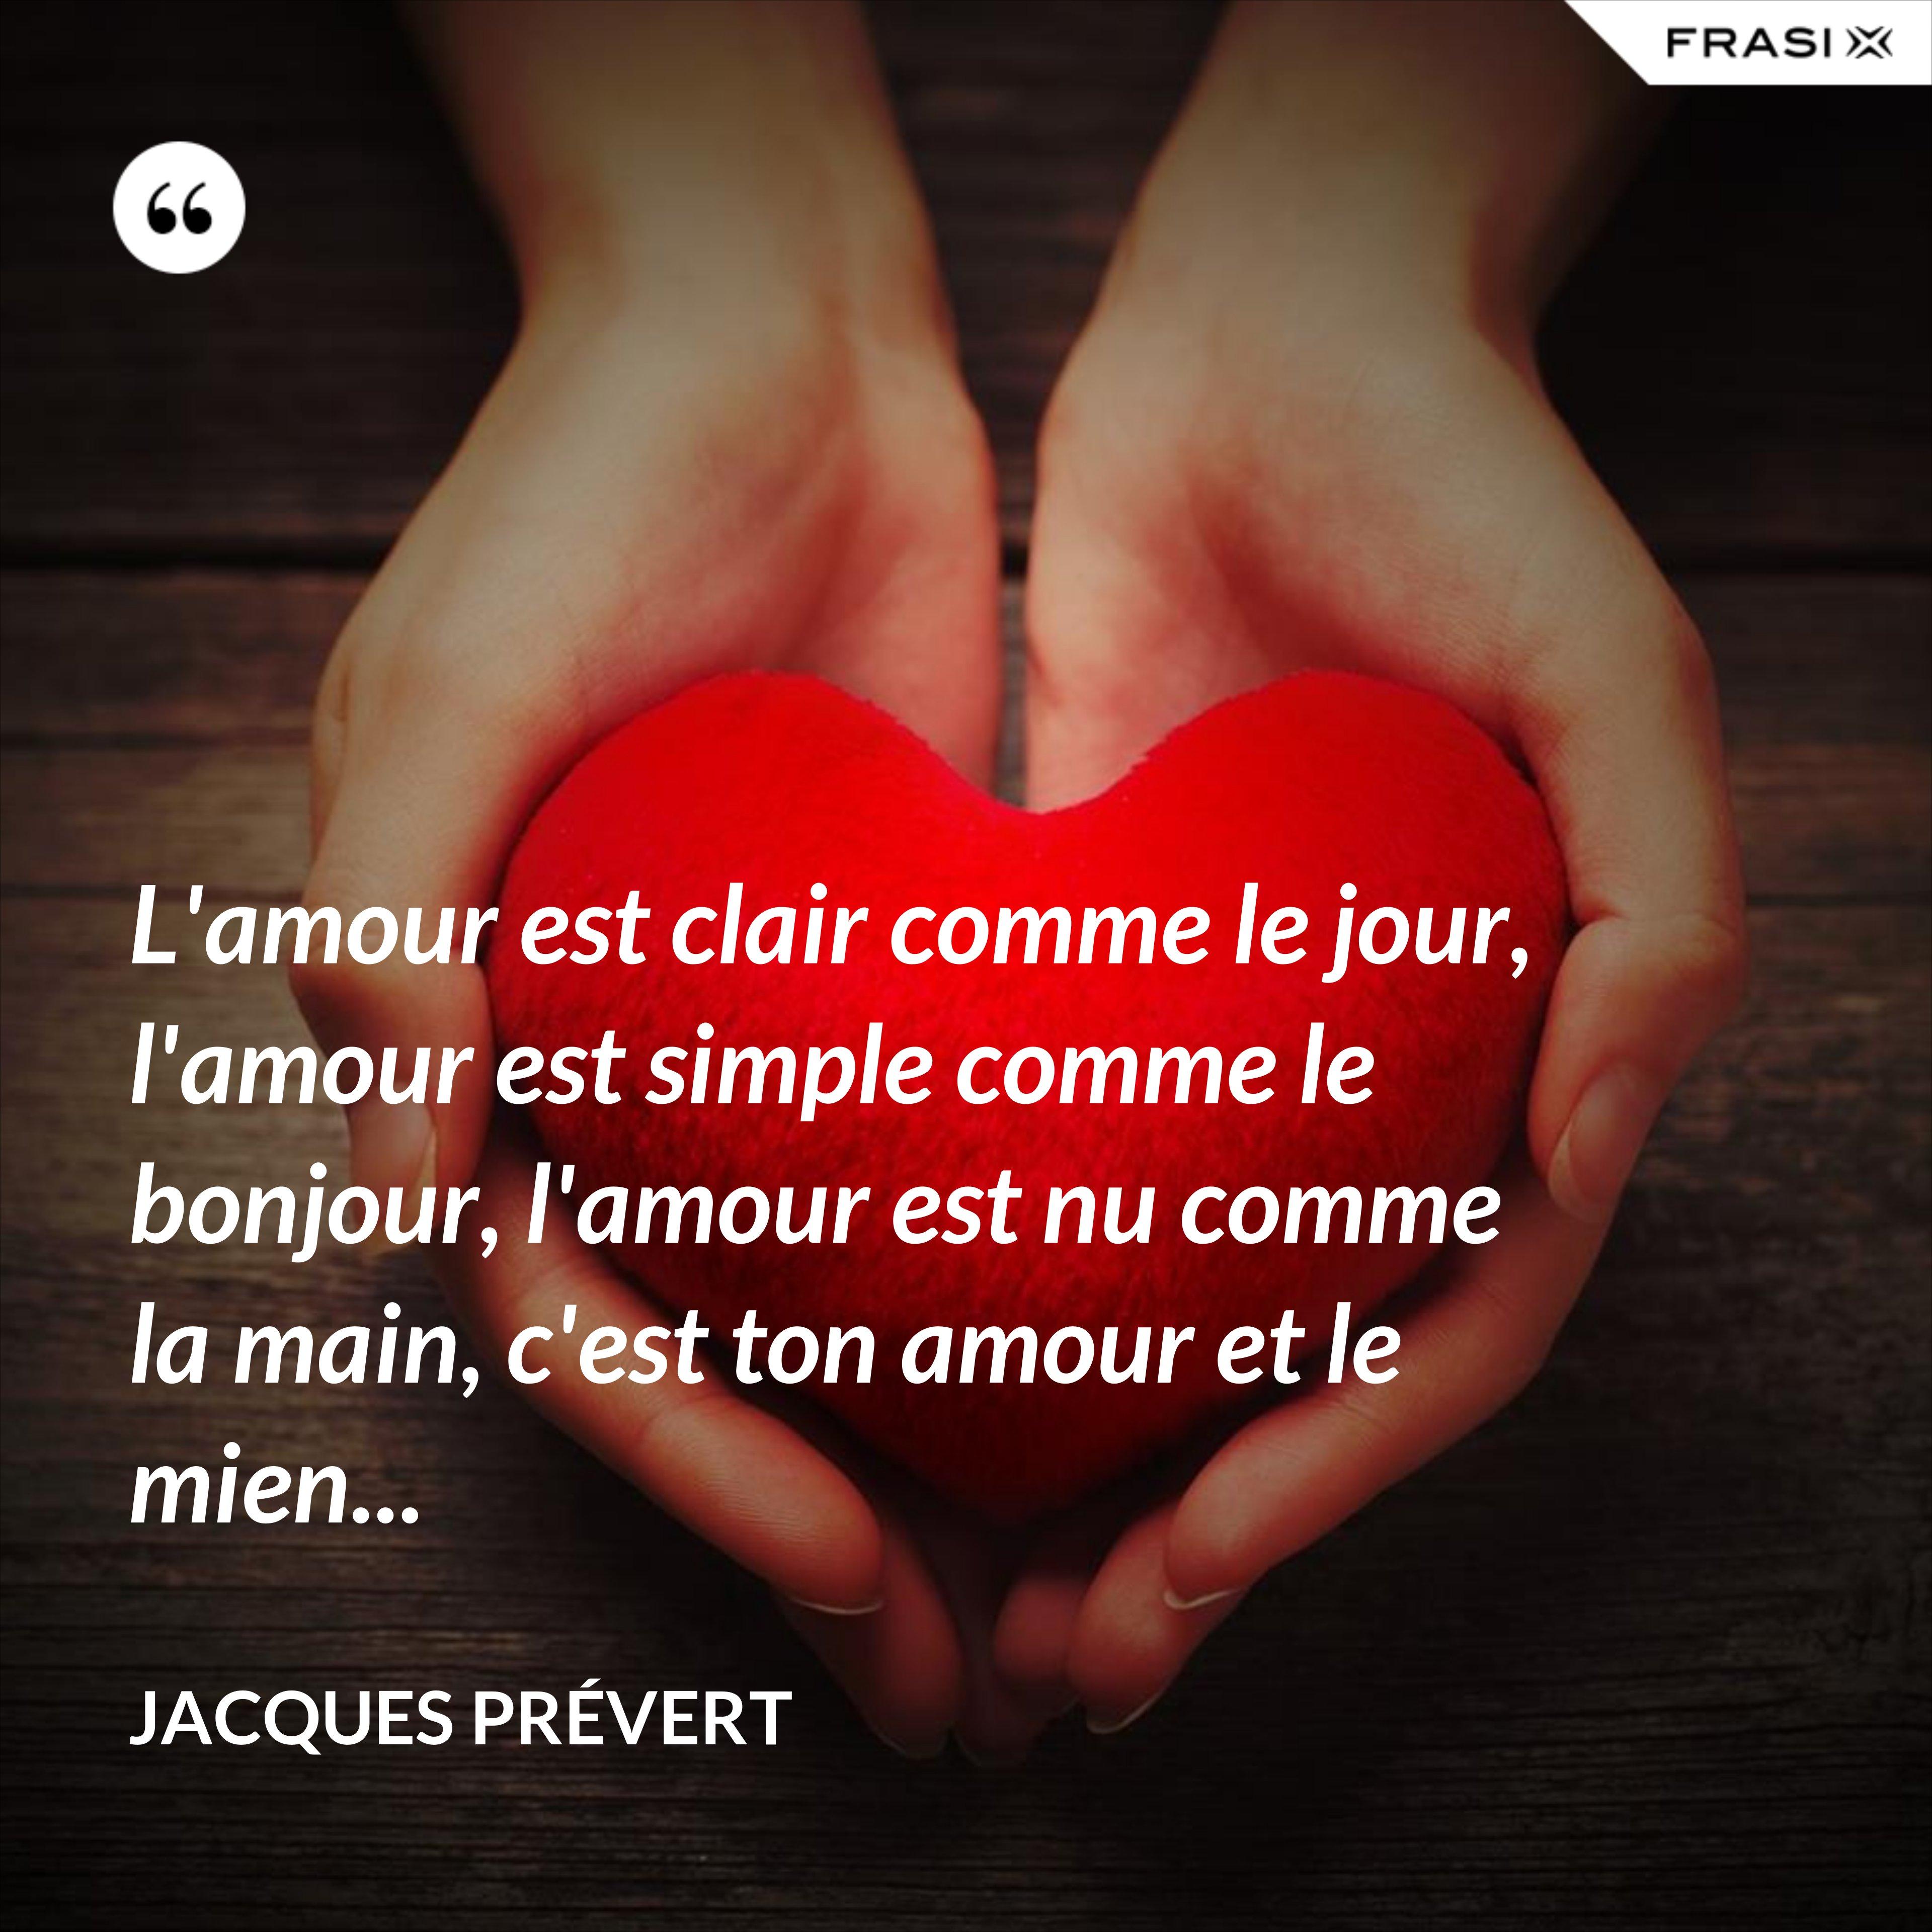 L'amour est clair comme le jour, l'amour est simple comme le bonjour, l'amour est nu comme la main, c'est ton amour et le mien... - Jacques Prévert